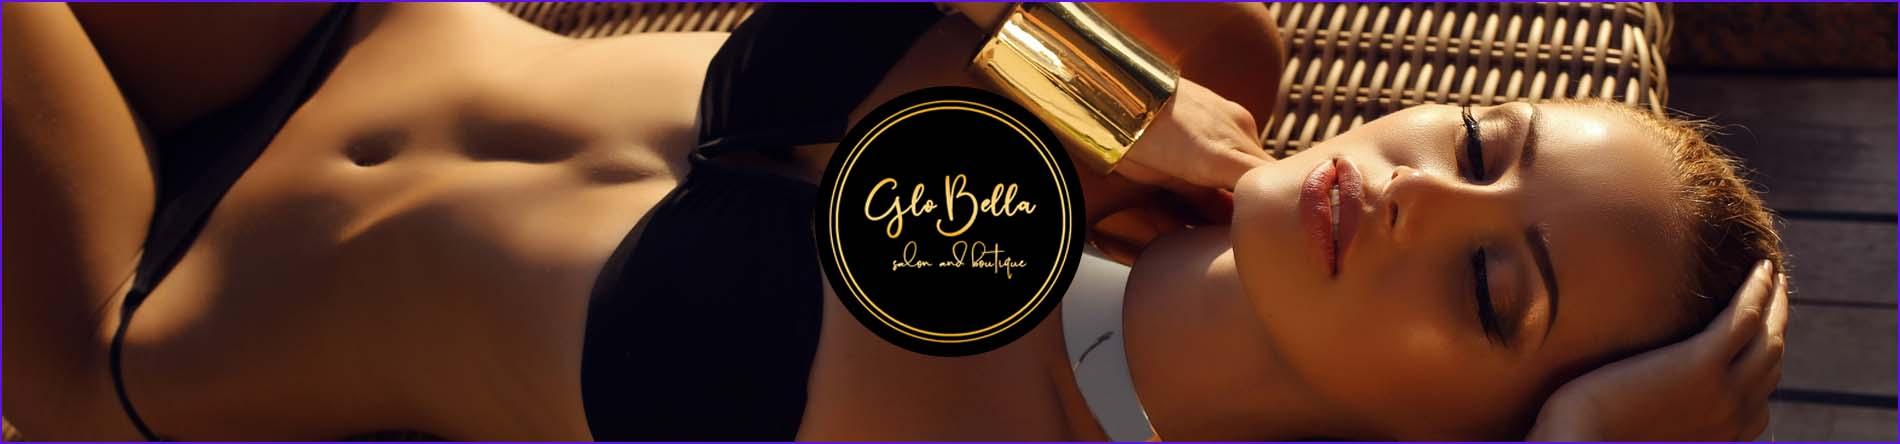 GloBella Salon and Boutique is a Tanning Salon in Wichita, KS